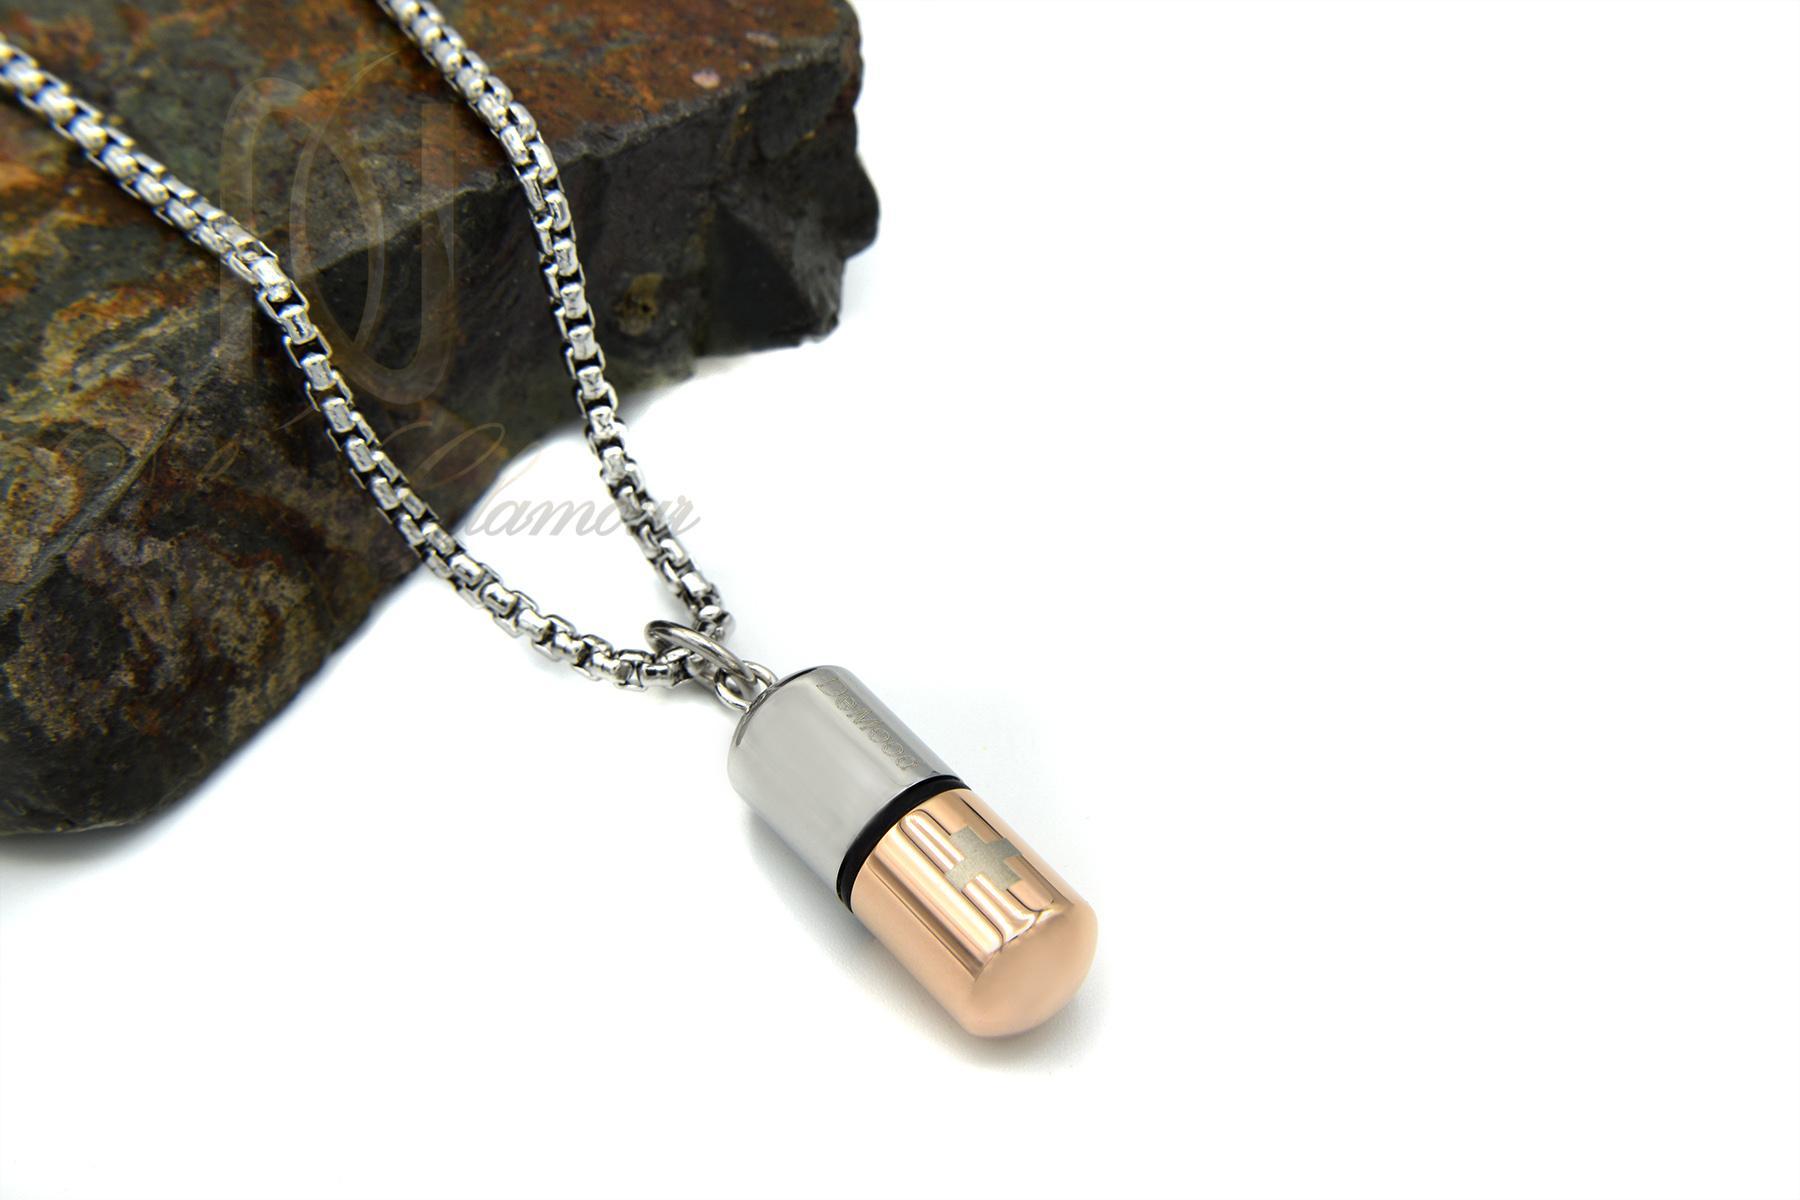 گردنبند مرگردنبند مردانه طرح کپسول سریال عاشقانه nw-n418 از نمای کنار